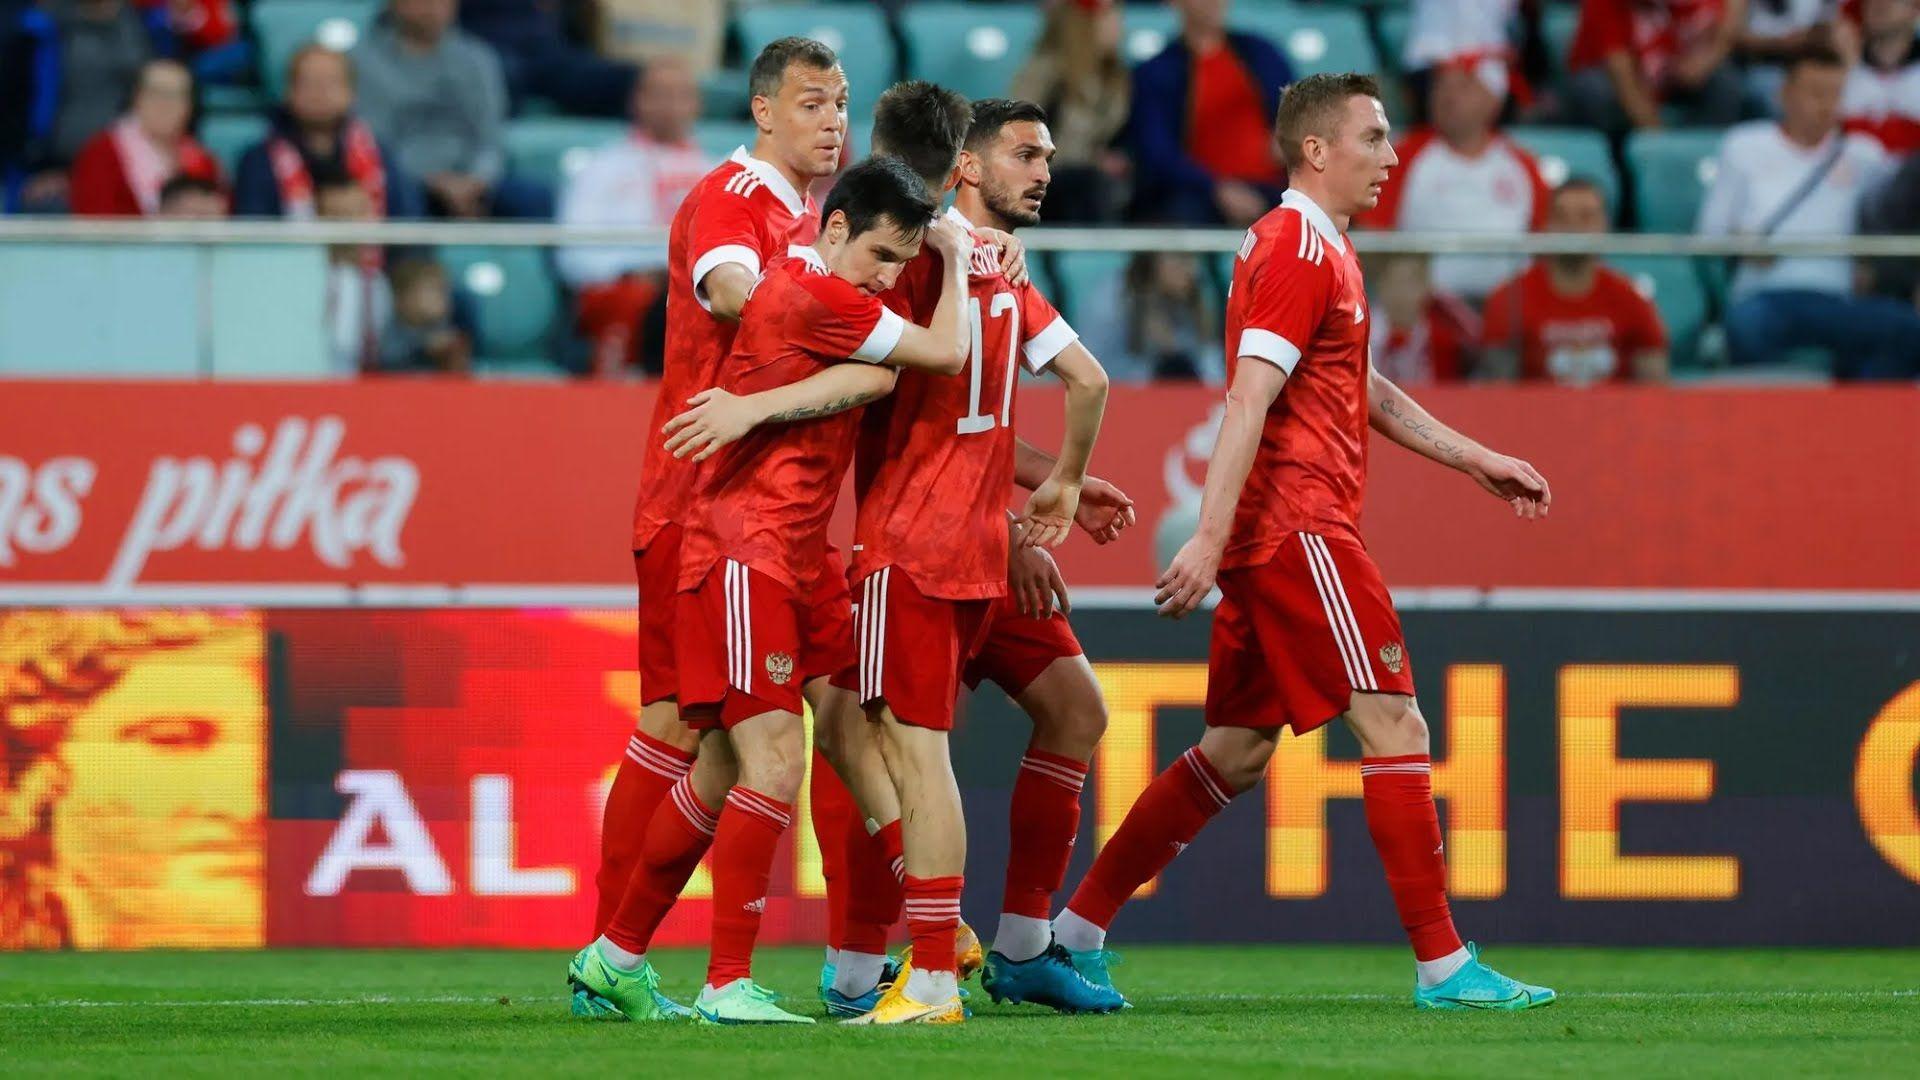 Росіяни жодного разу не вигравали у бельгійців.